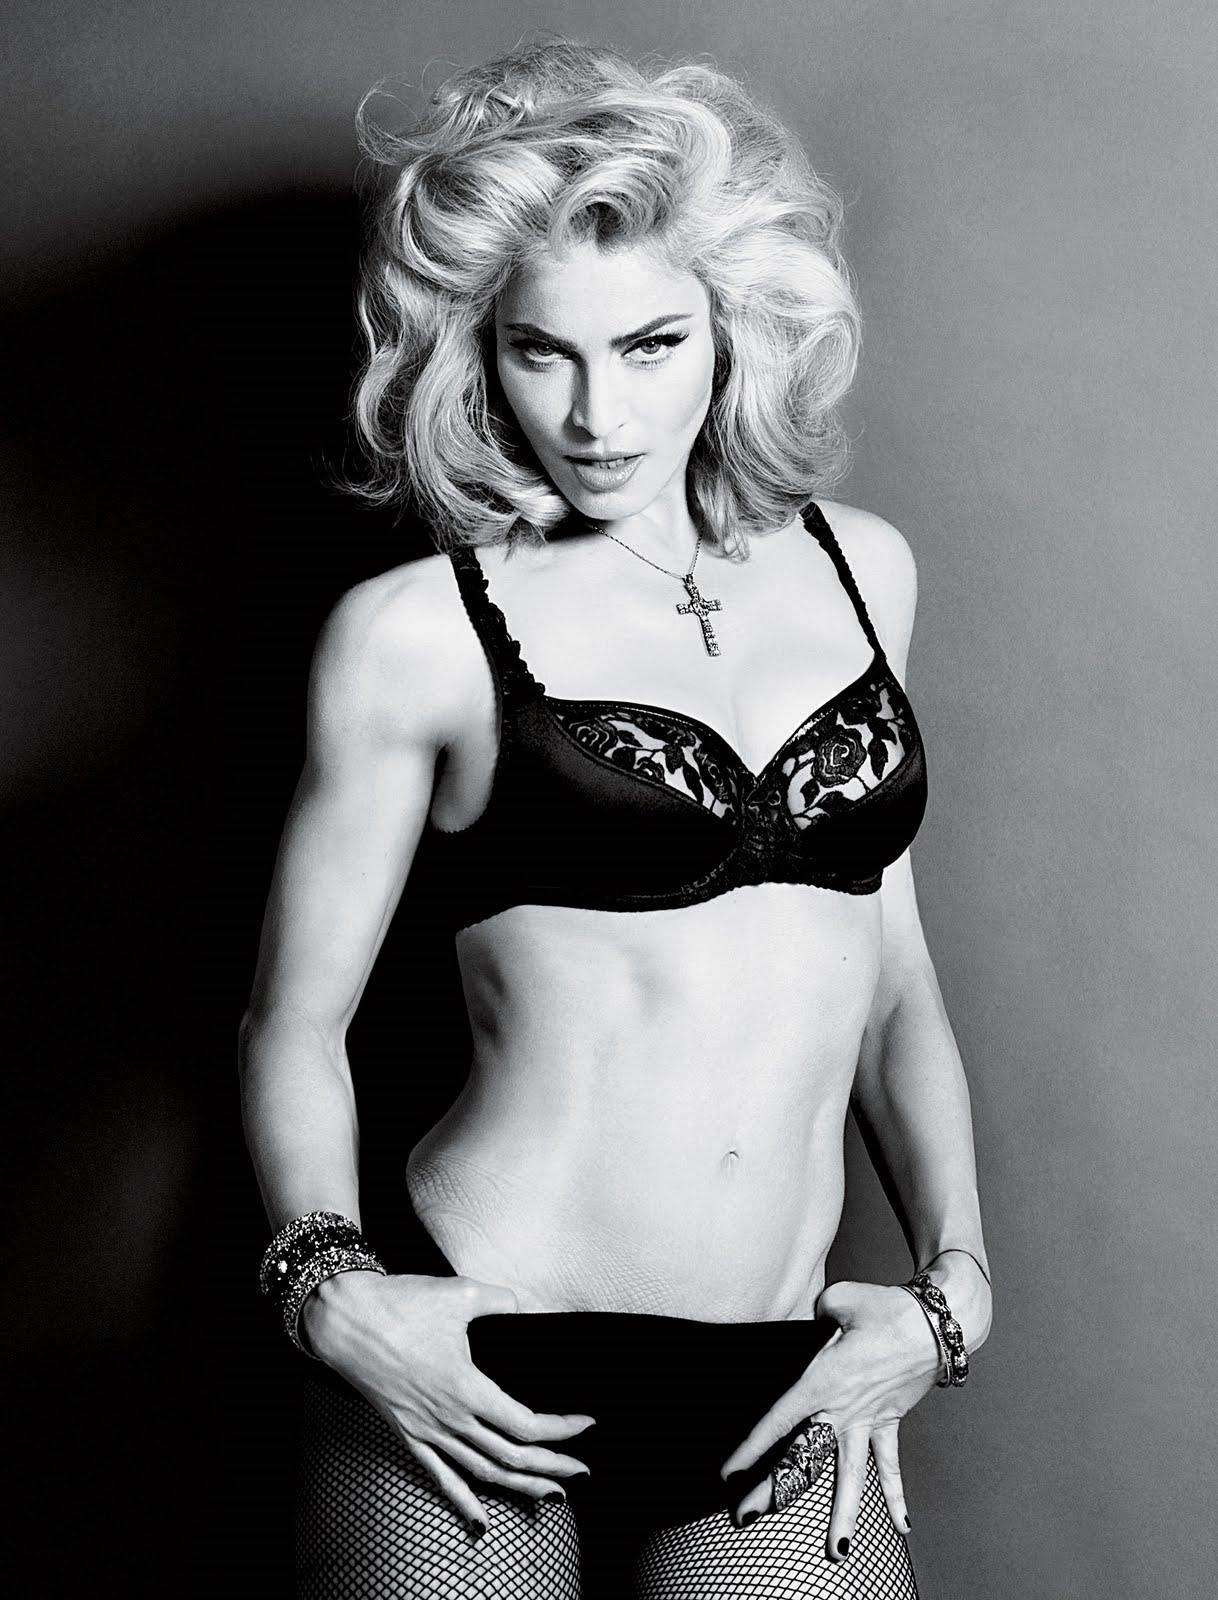 http://2.bp.blogspot.com/_uppBcPZcTUA/TFEEb0S3FyI/AAAAAAAAAlI/oeFpdRr3A9I/s1600/2010+-+Madonna+by+Alas+%26+Piggott+for+Interview+-+09.jpg